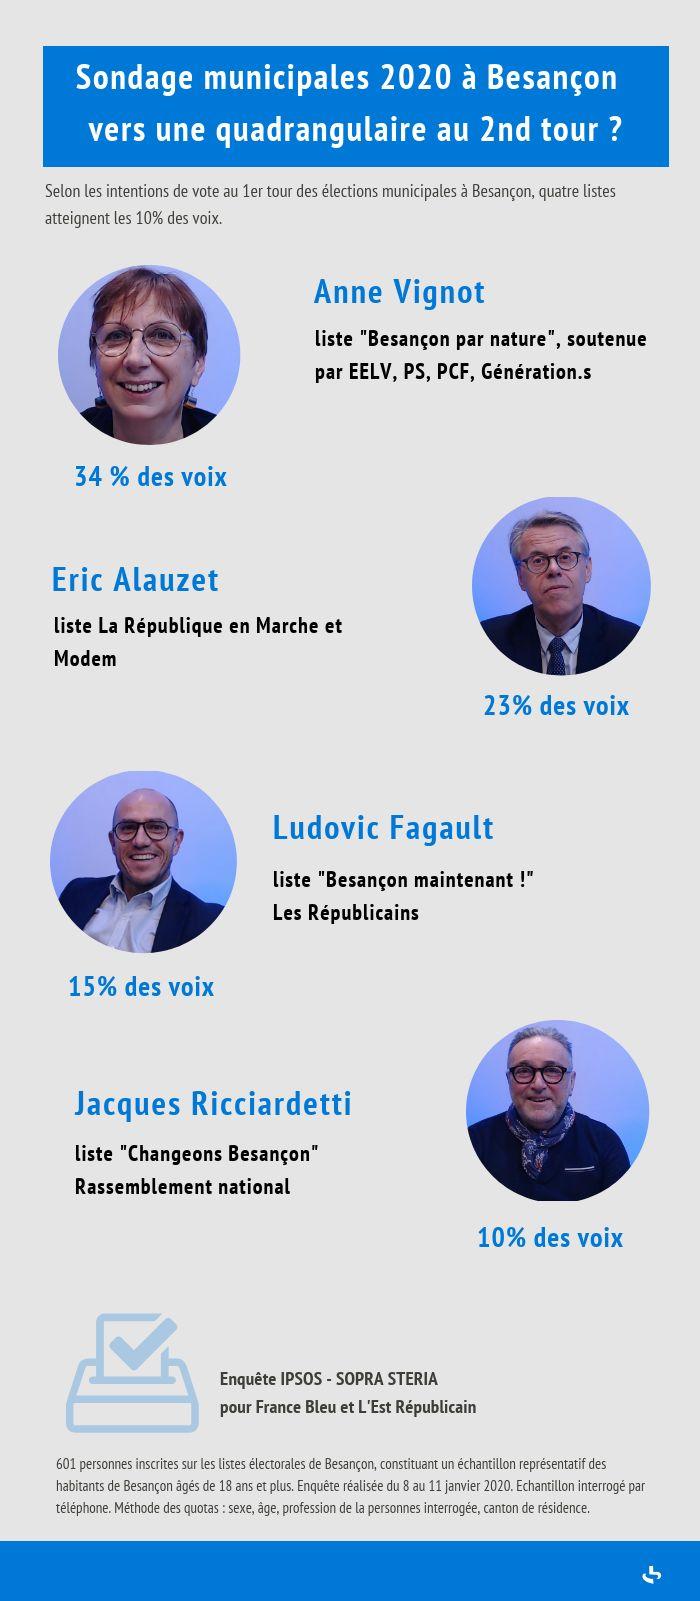 Les quatre têtes de liste potentiellement qualifiées au 2nd tour à Besançon selon le sondage Ipsos-Sopra-Steria.